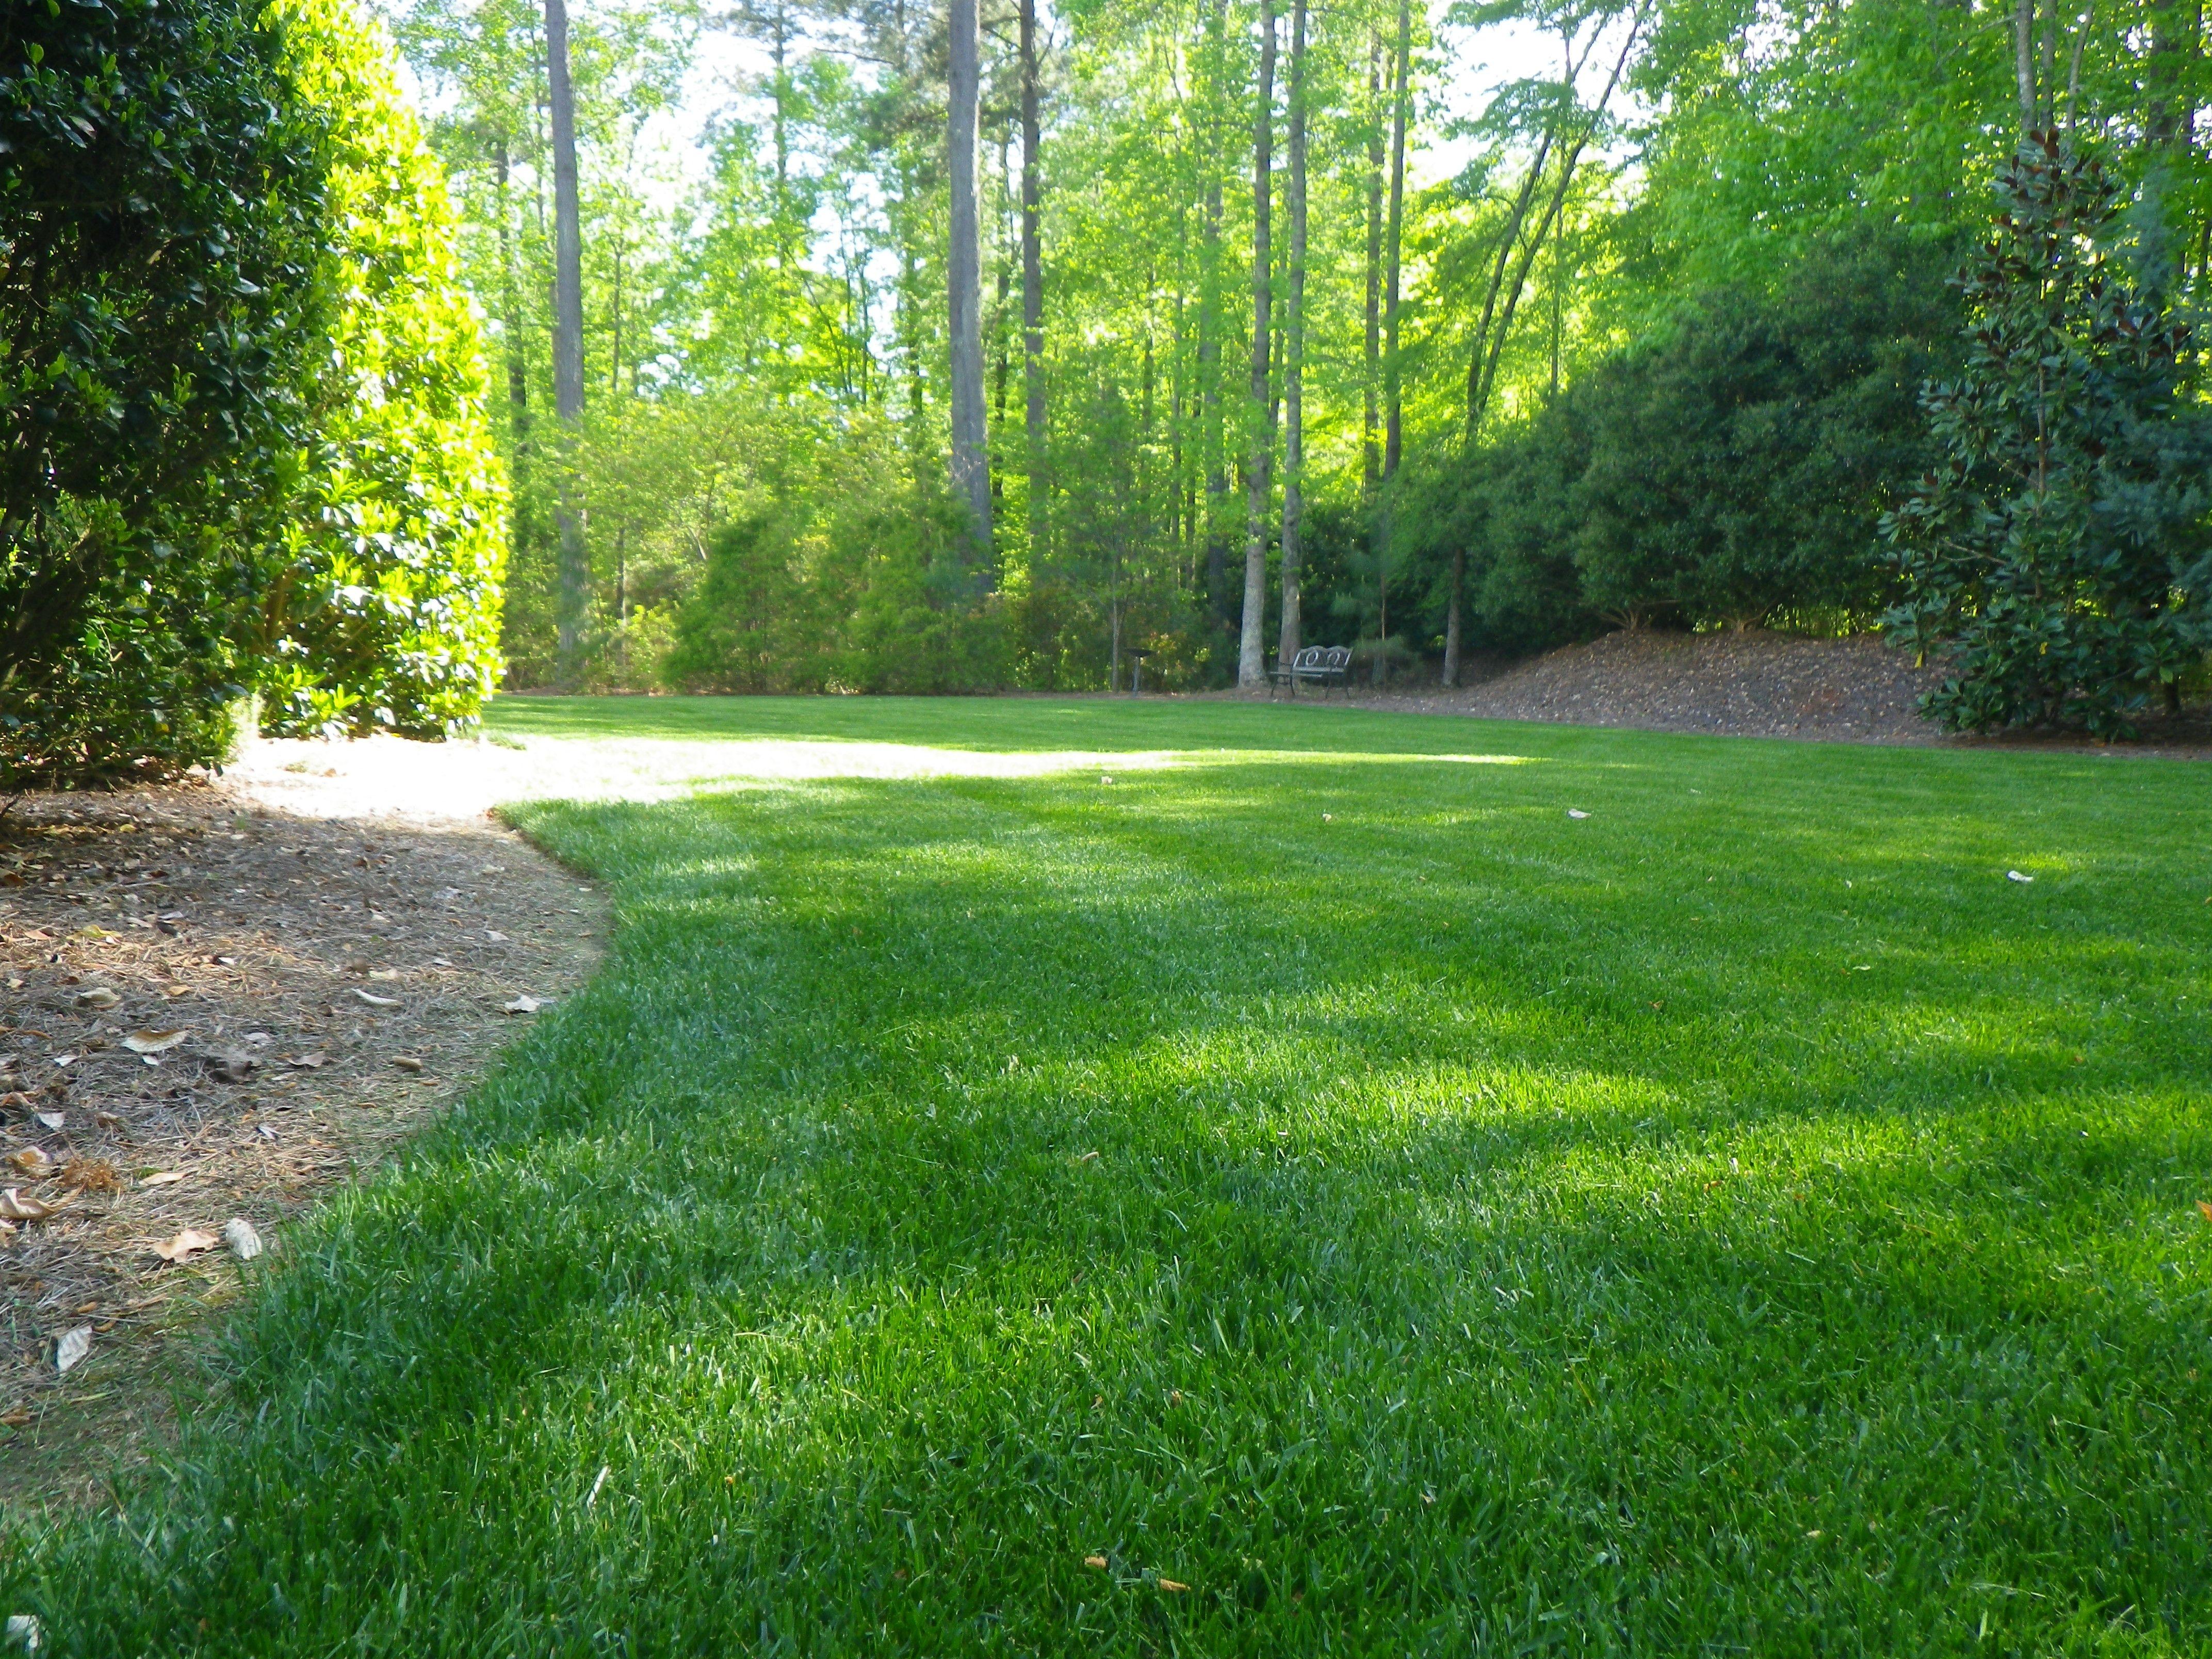 Zoysia Grass Zoysia Sod Grass Atlanta Ga Ground Cover Plants Shade Fescue Grass Fescue Grass Lawn